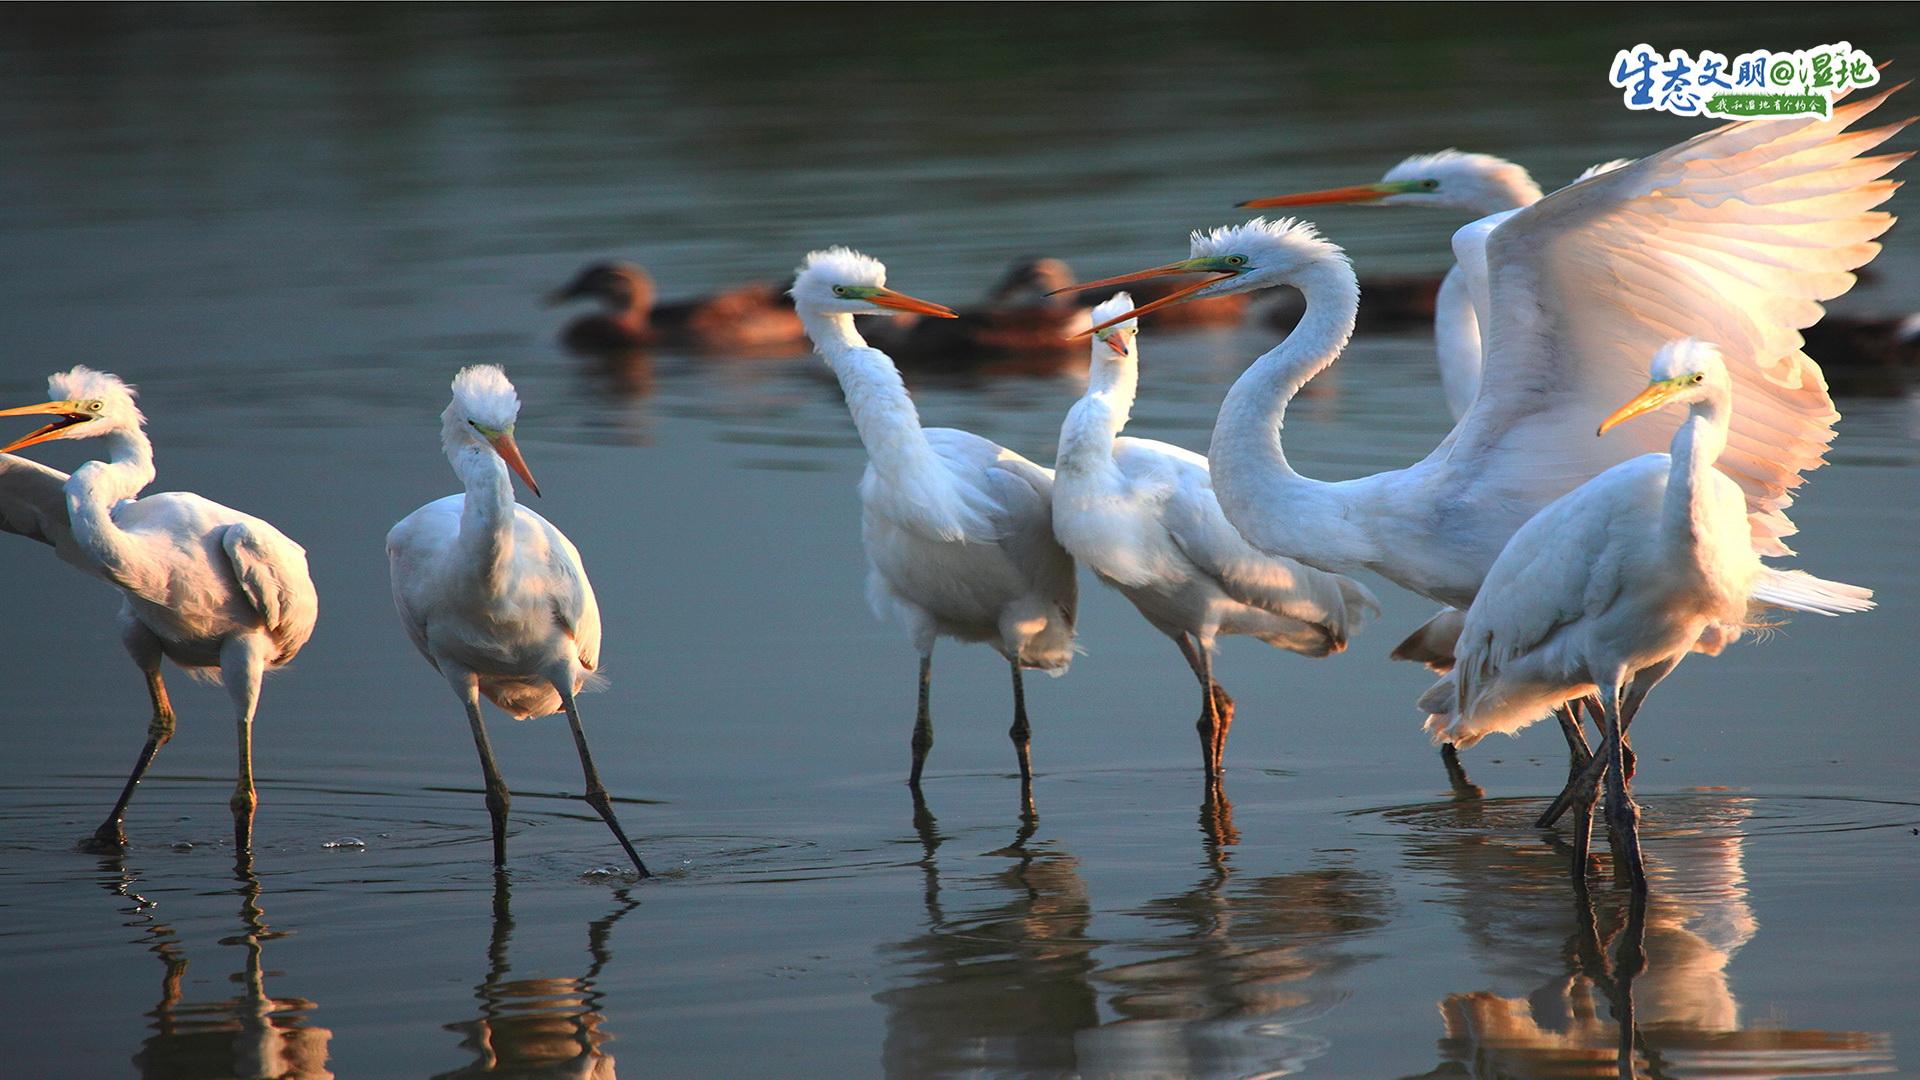 全球有8条候鸟迁徙路线。天津,则是东亚到澳大利亚候鸟迁徙途中的必经之路。天津海岸线鱼草丰美的潮间带是候鸟栖息的理想场所。<br/>